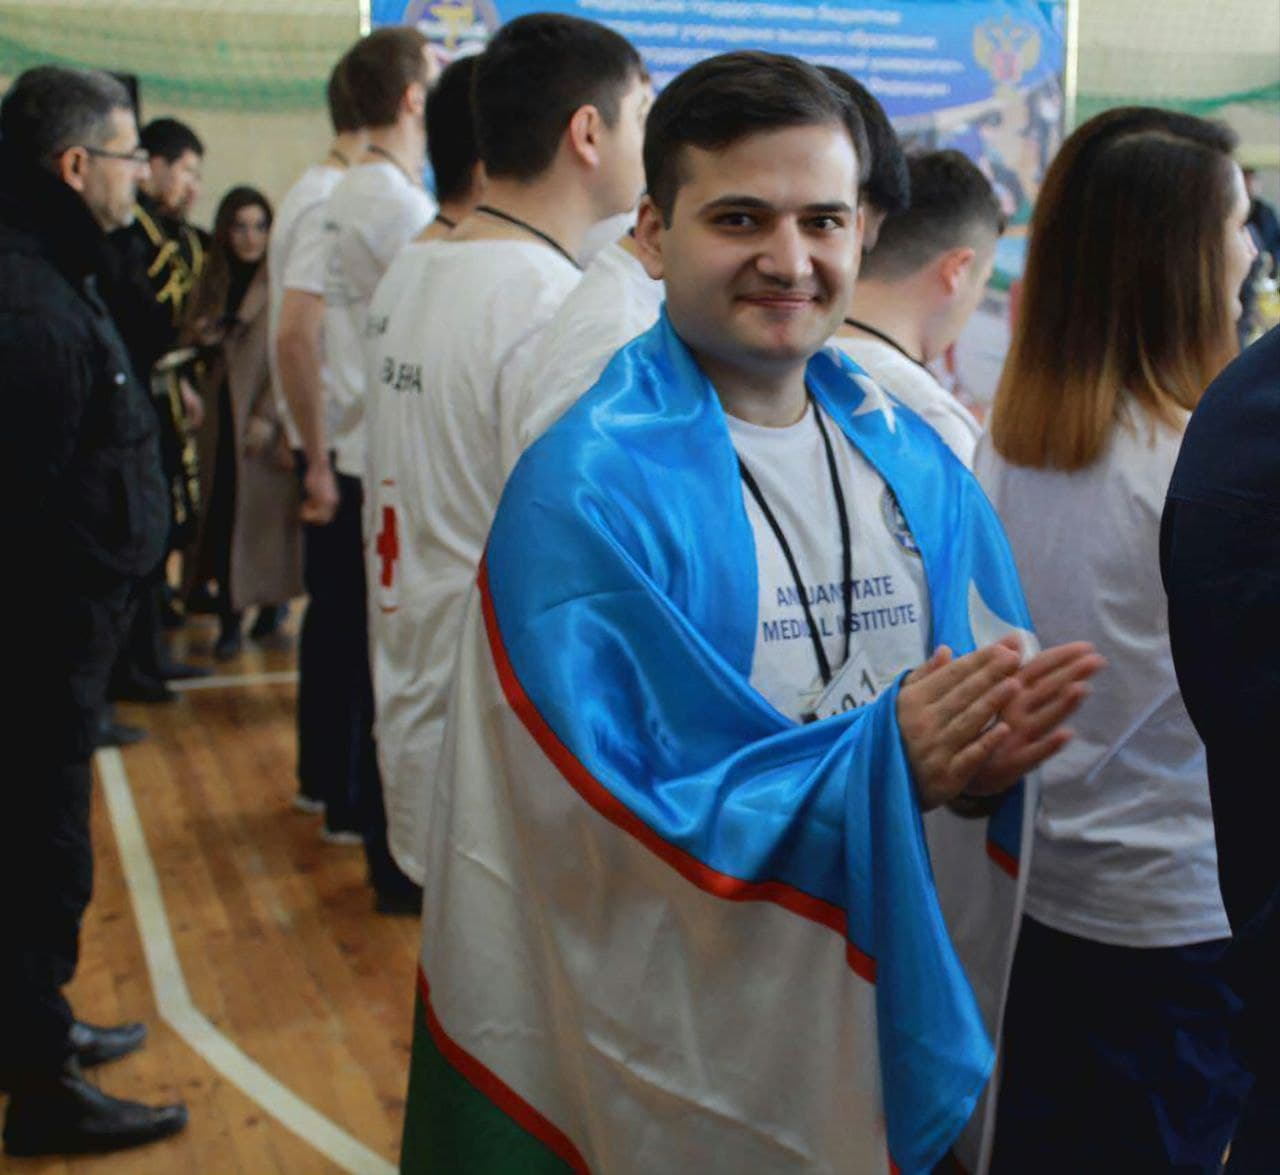 """Ziyayev Ilyosmirzo """"Kelajak bunyodkori""""  medali bilan taqdirlandi"""